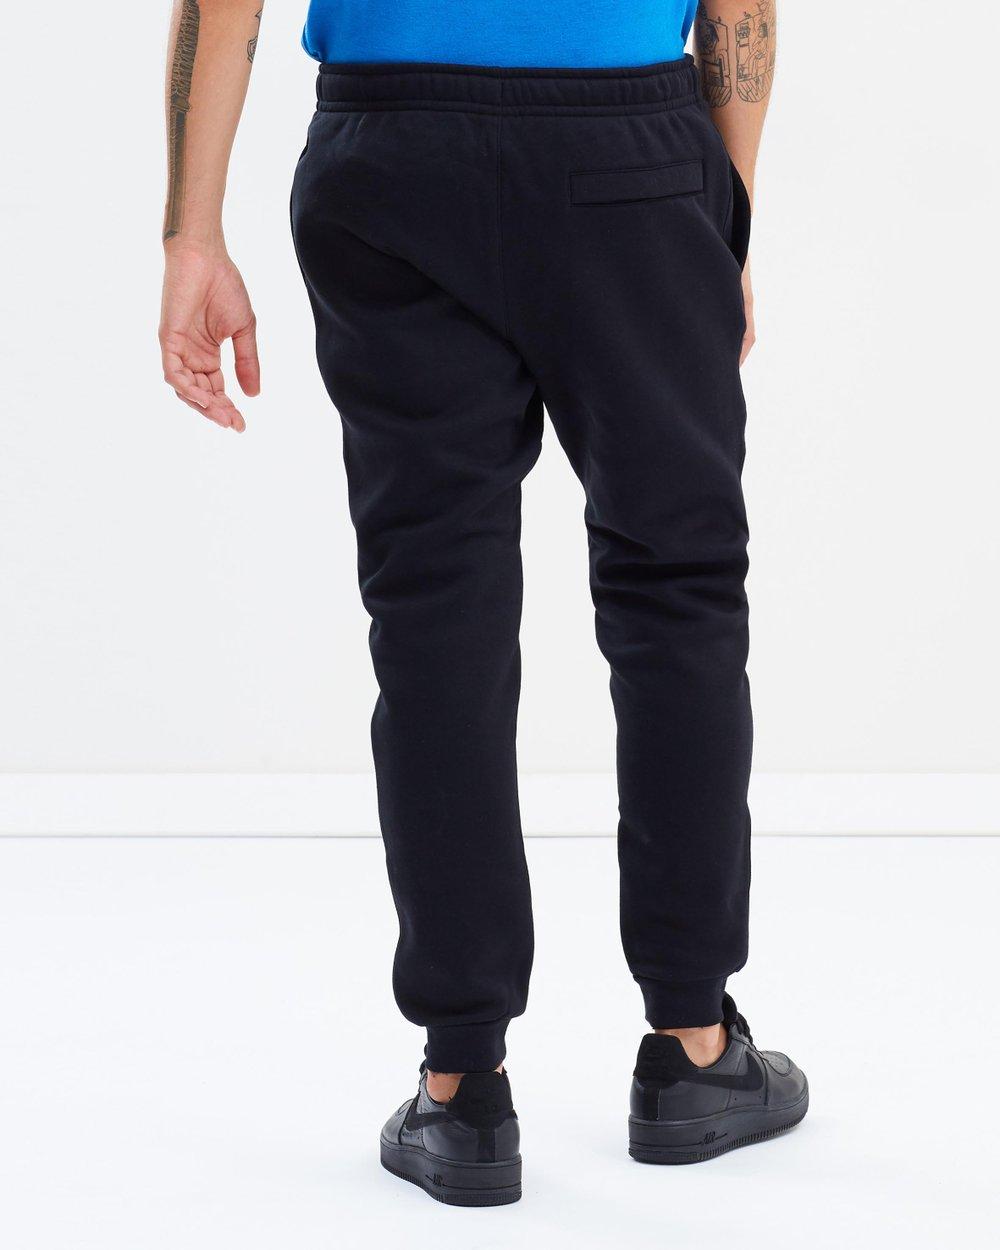 d4136f38e562 Men s Nike Sportswear Jogger Pants by Nike Online